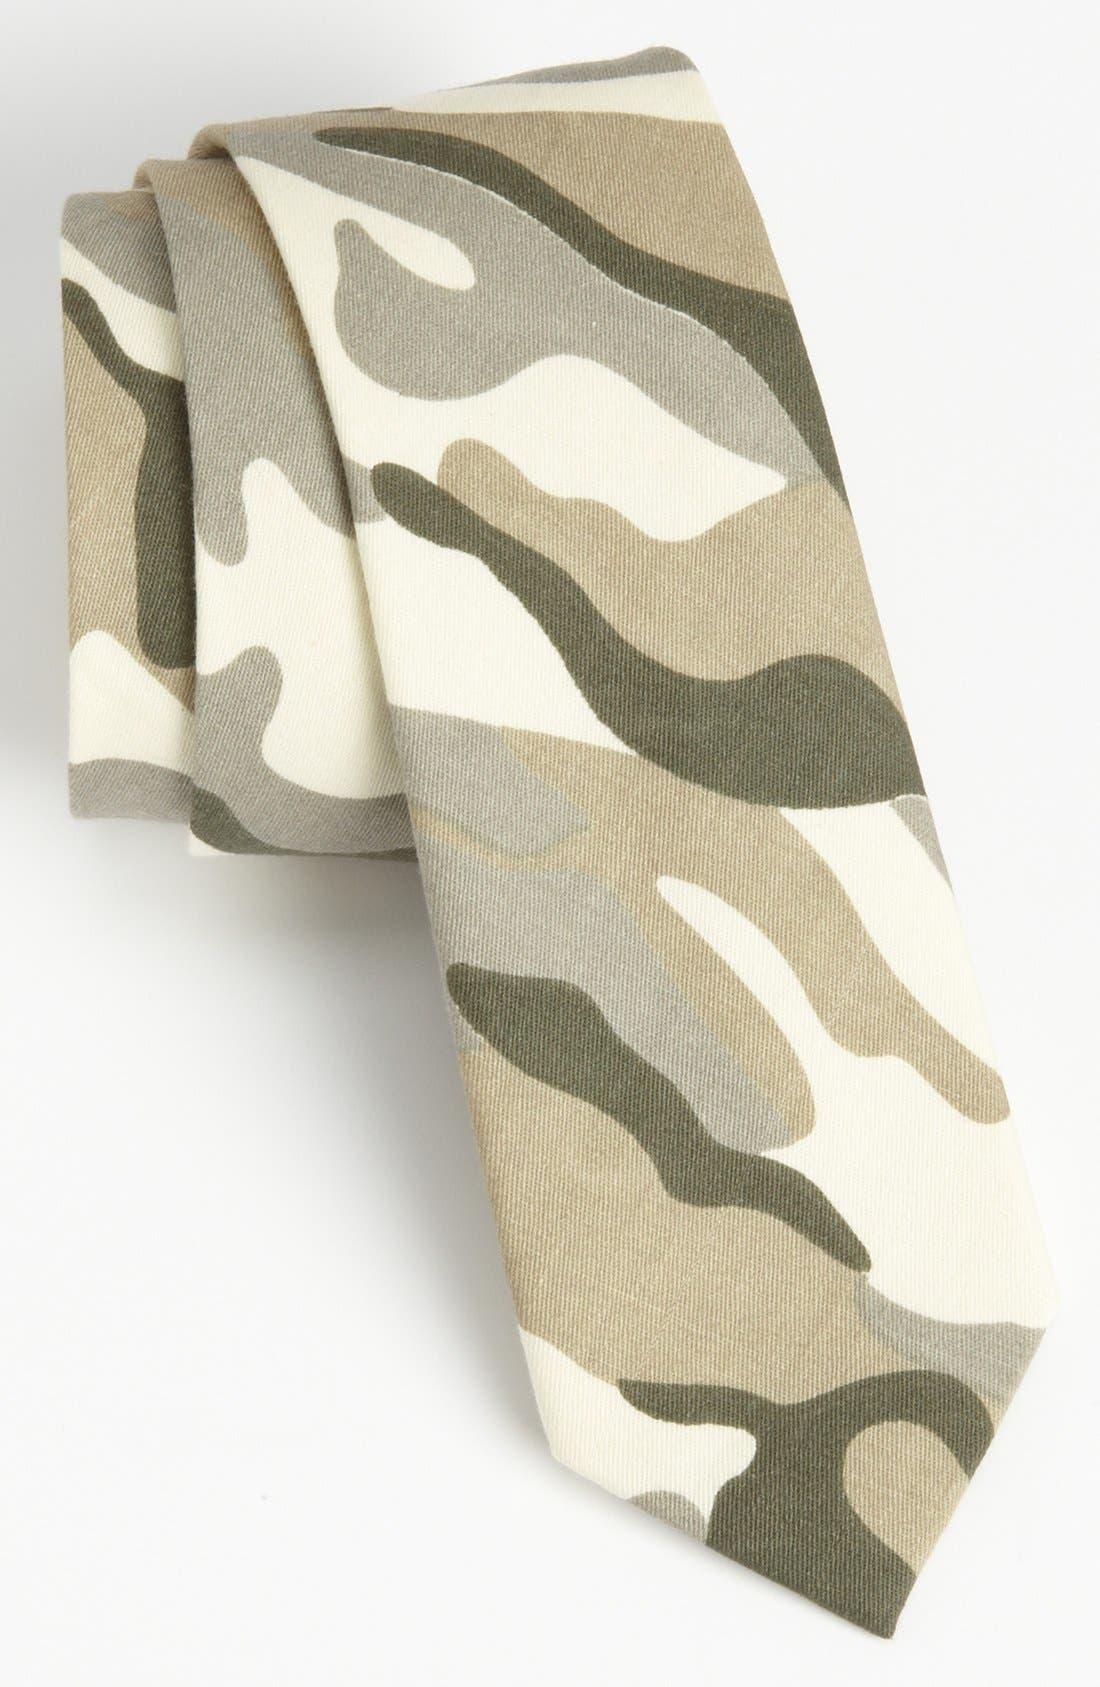 Main Image - Simon Printed Cotton Tie